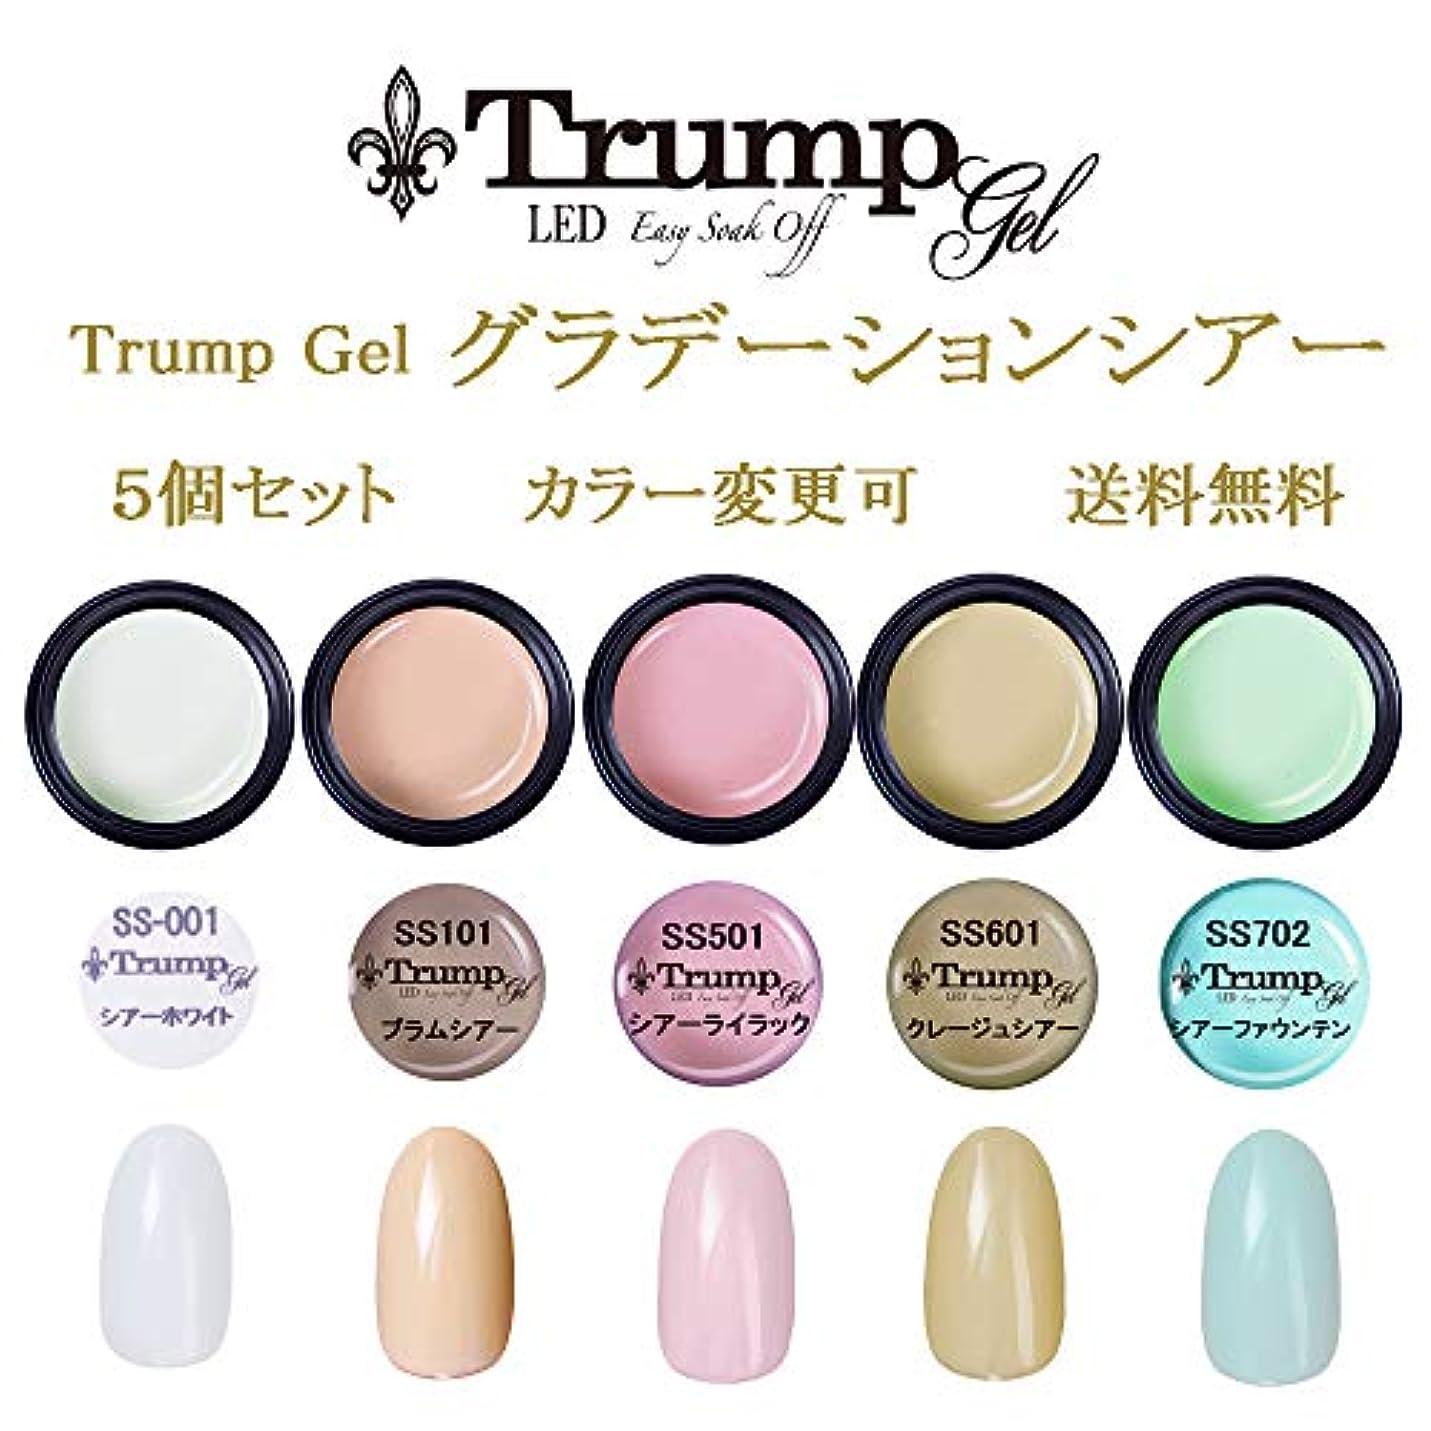 資源リテラシーあいまい日本製 Trump gel トランプジェル グラデーション シアーカラー 選べる カラージェル 5個セット ホワイト ベージュ ピンク イエロー ブルー